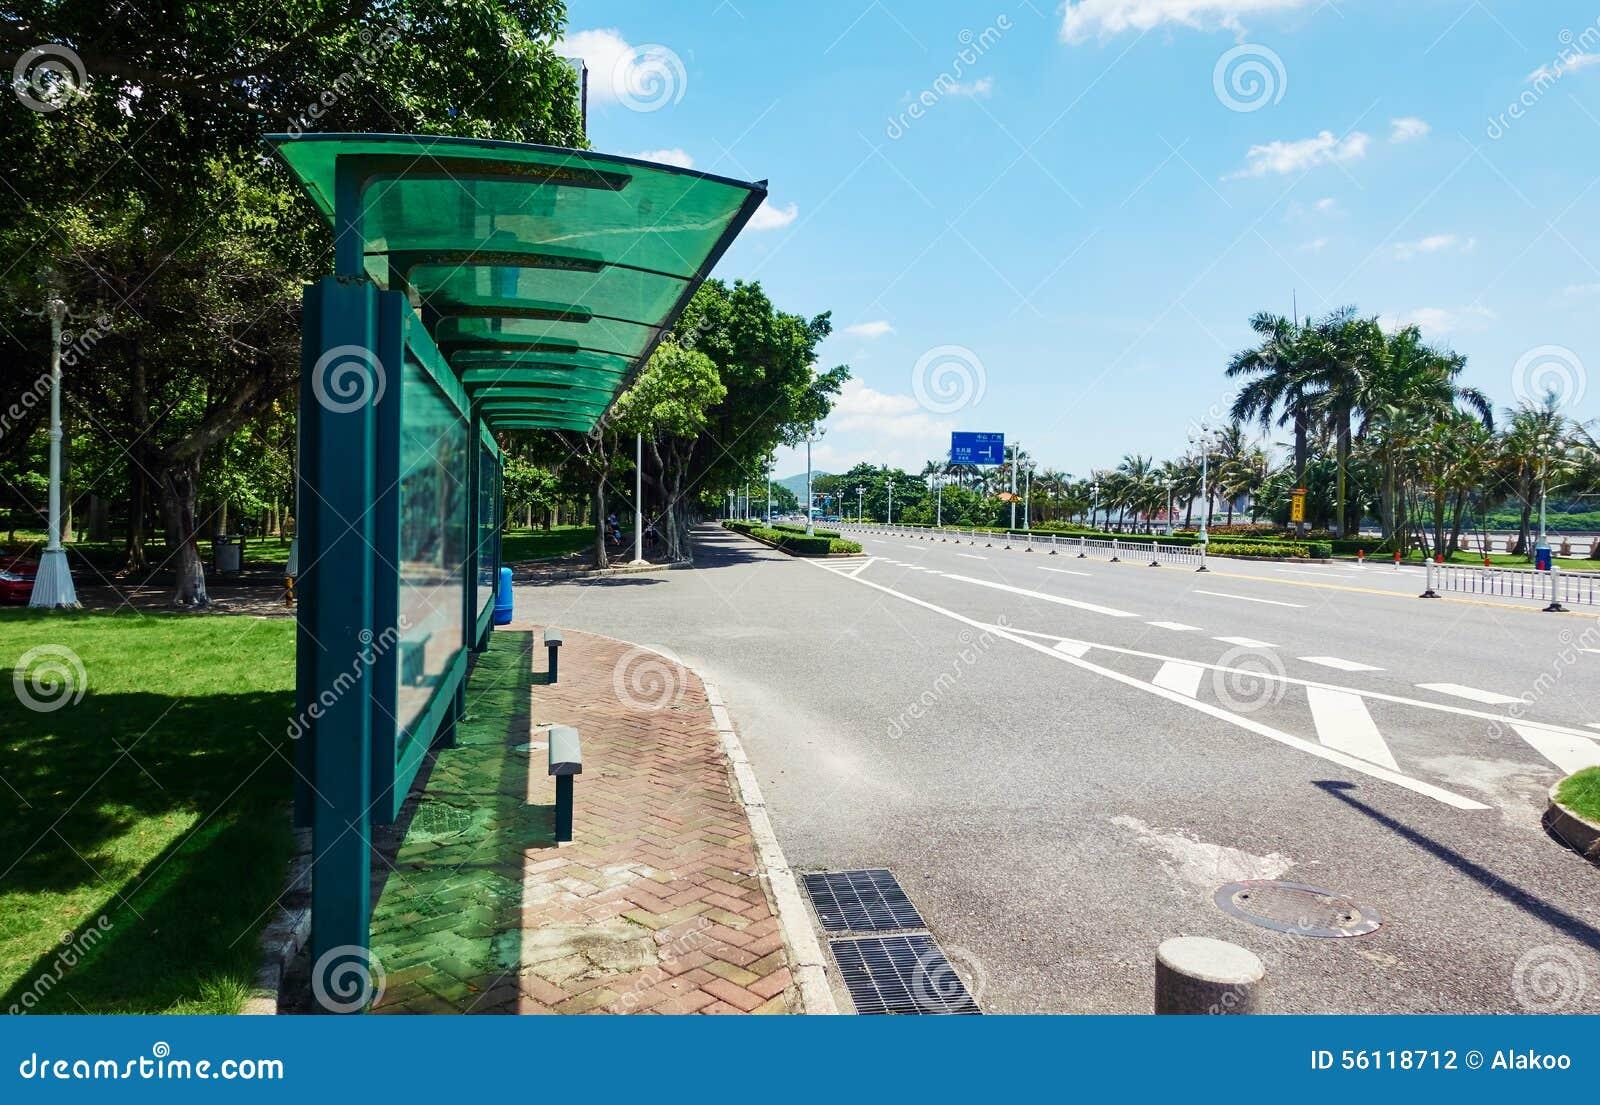 Parada de autobús de la ciudad